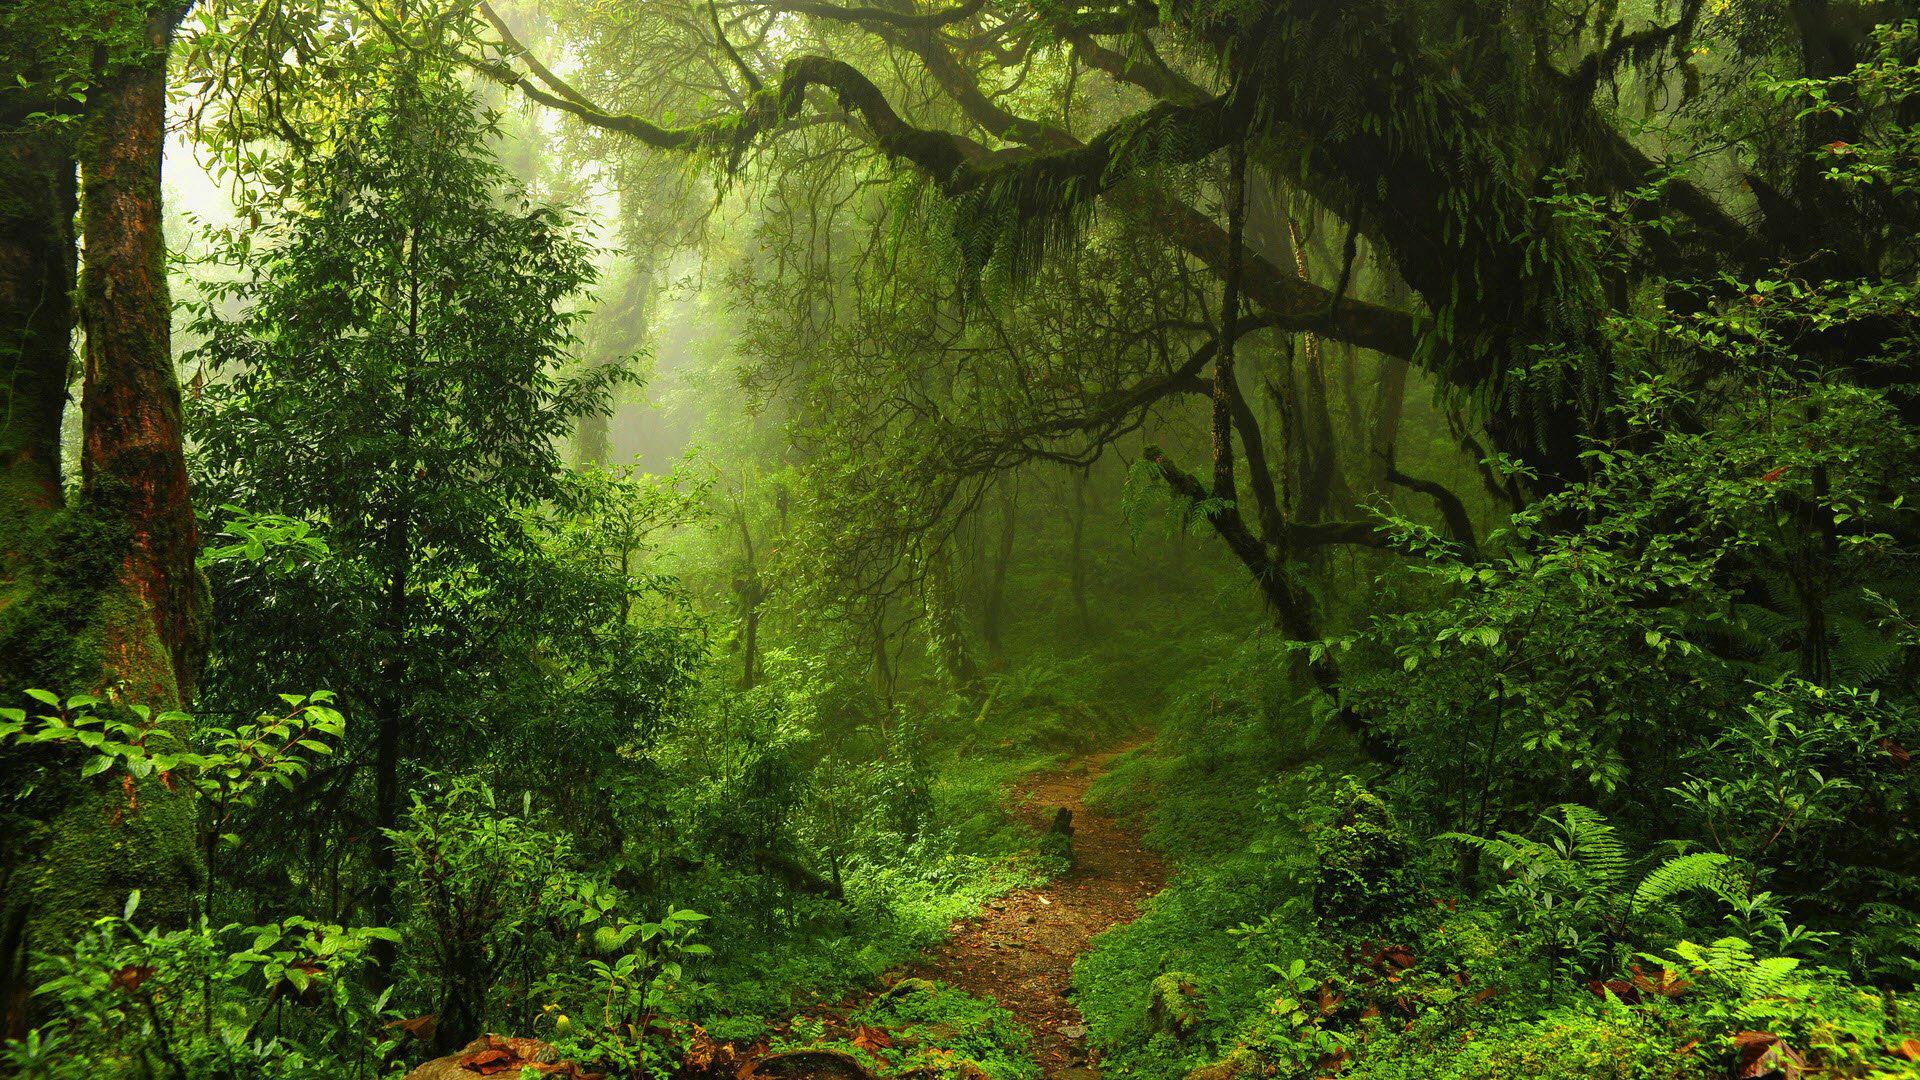 Бюджет 2020: На збереження природно-заповідного фонду передбачено 435 млн грн